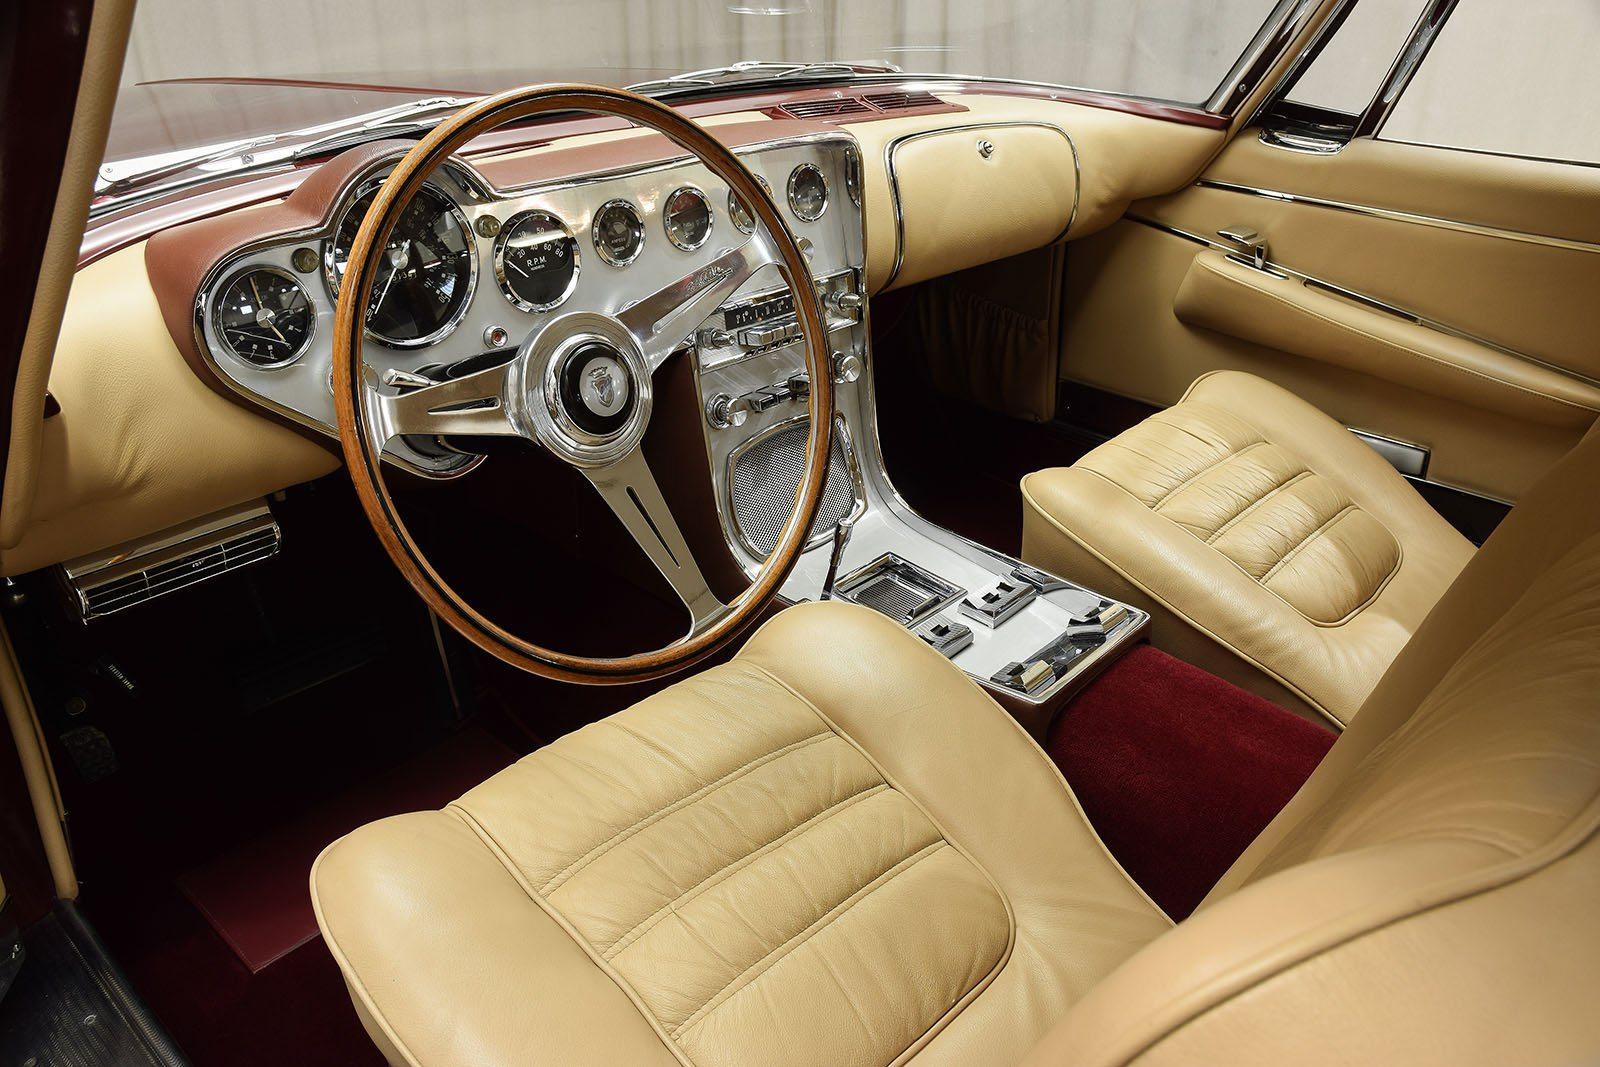 1963 Ghia L6.4 Coupe interior